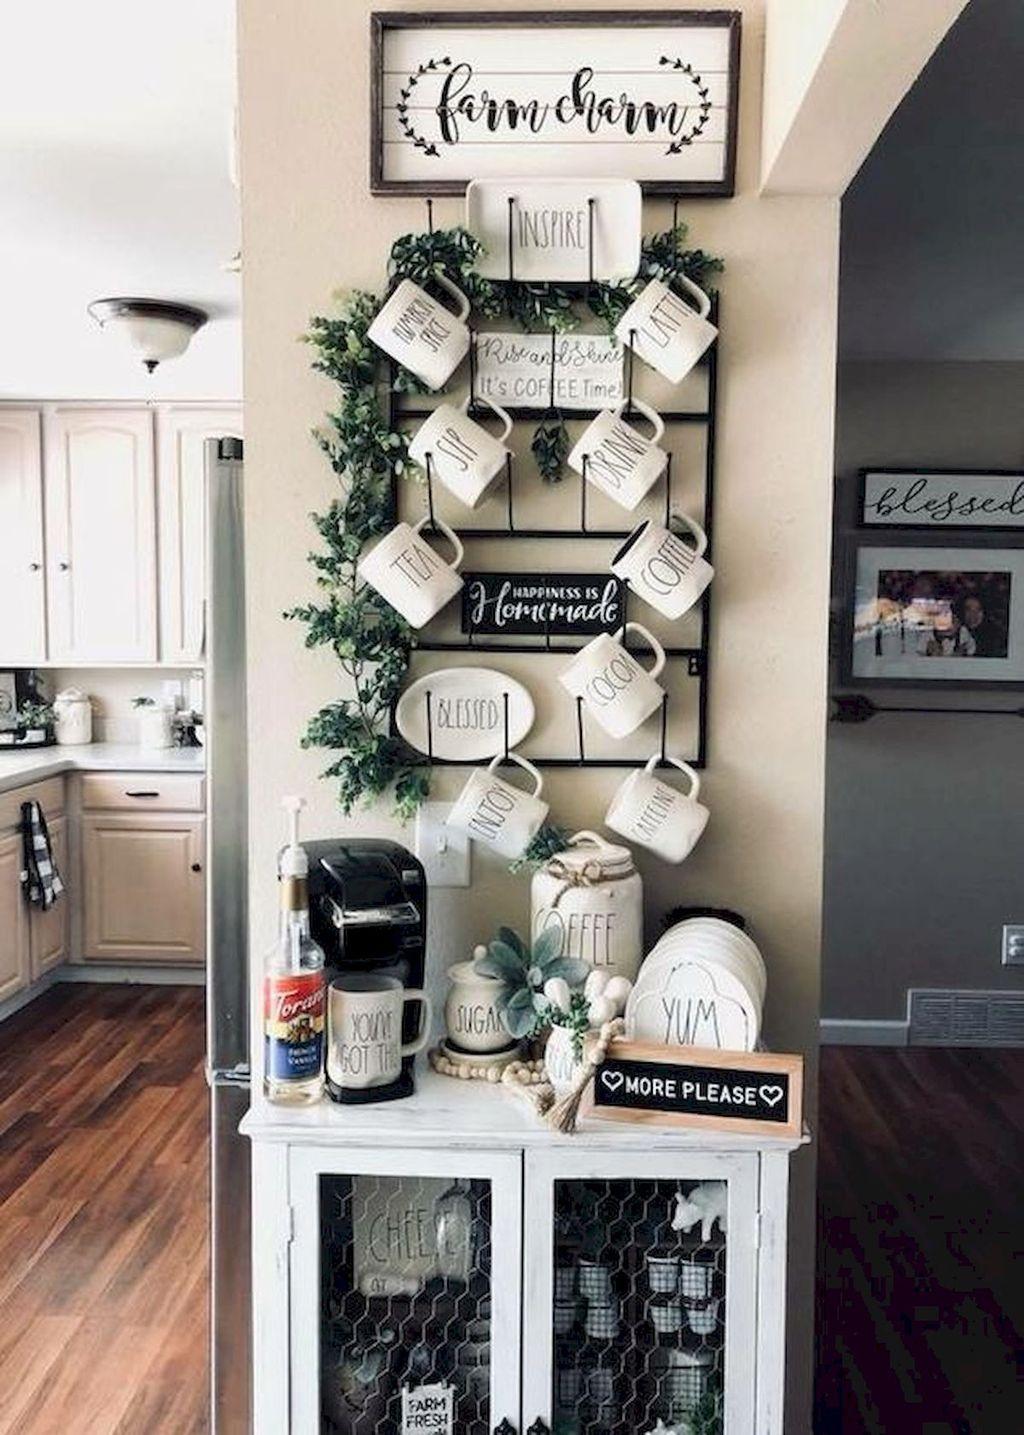 Amazing Organized Farmhouse Kitchen Decor Ideas 22